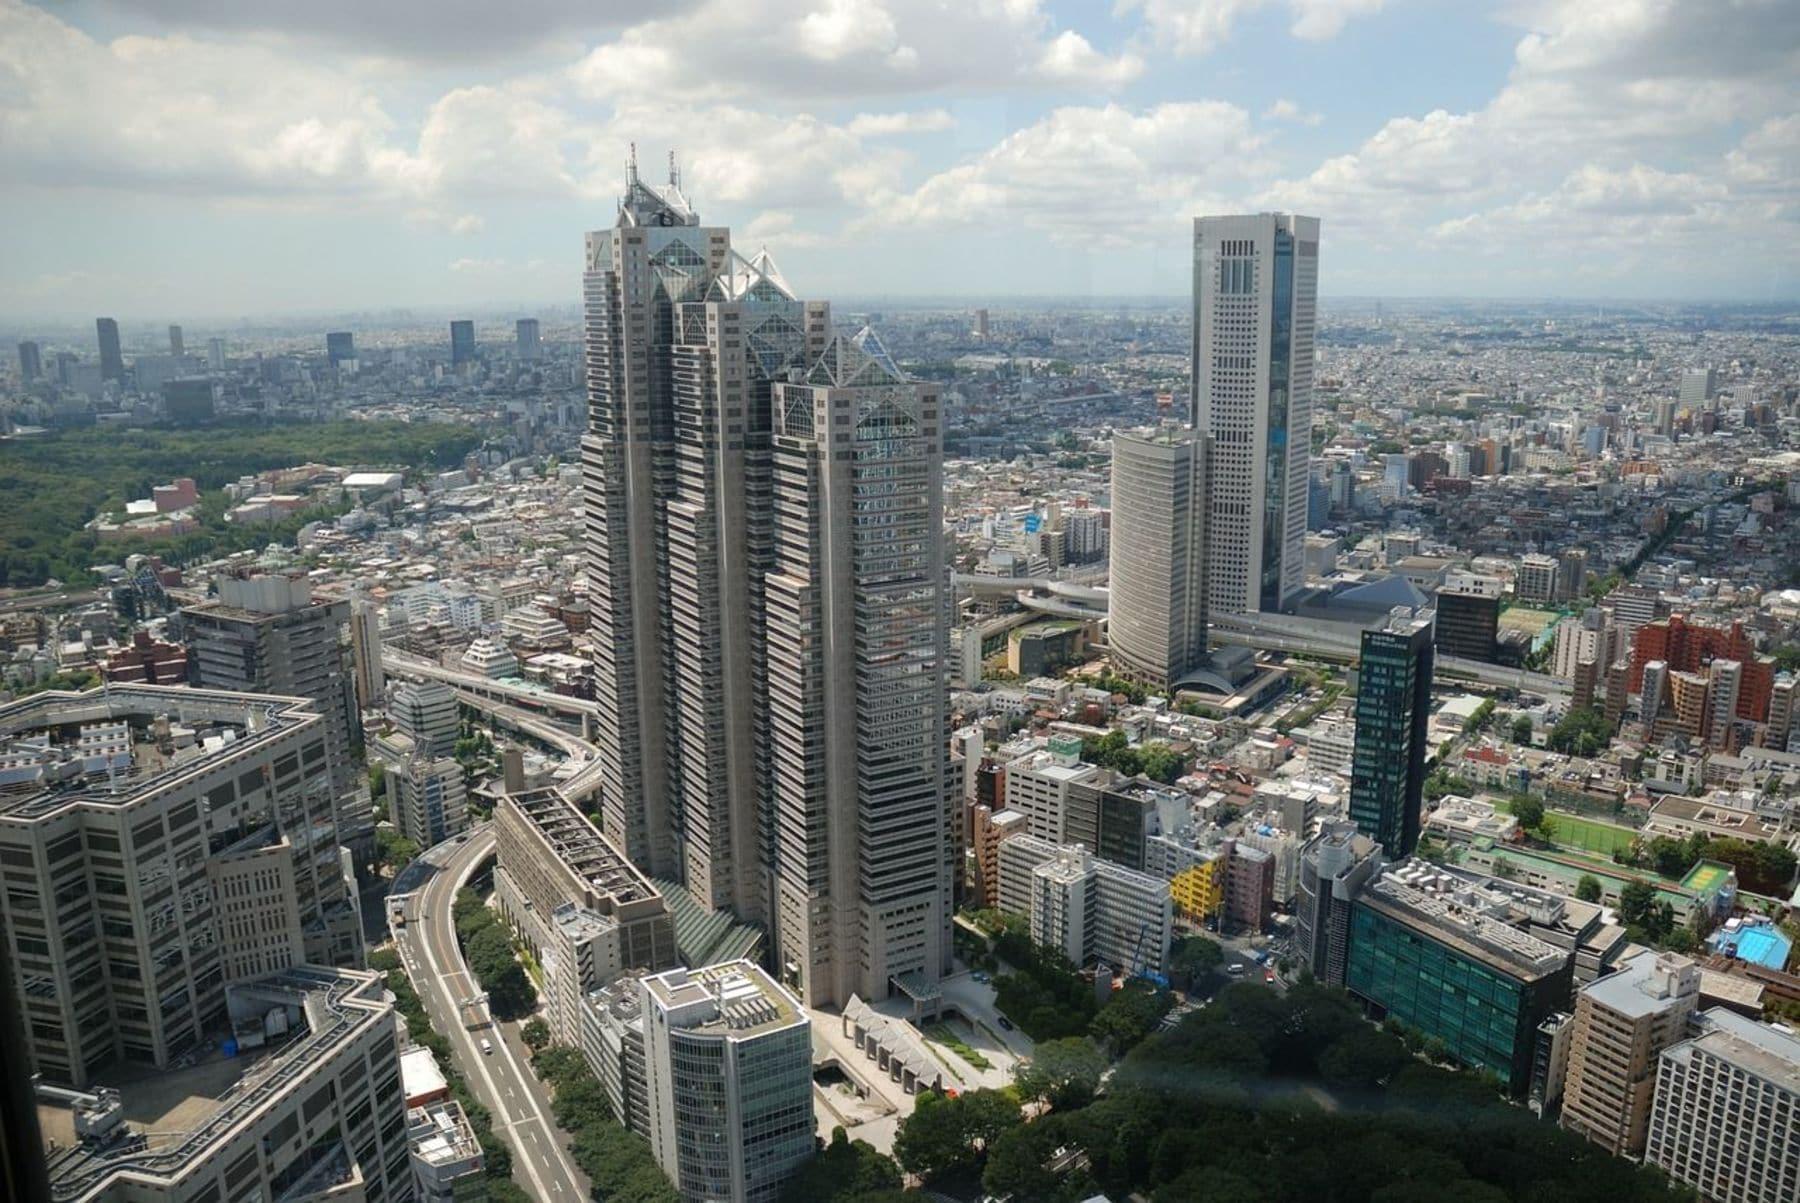 2020年以後も価値が高まり続ける新宿 東京大改造